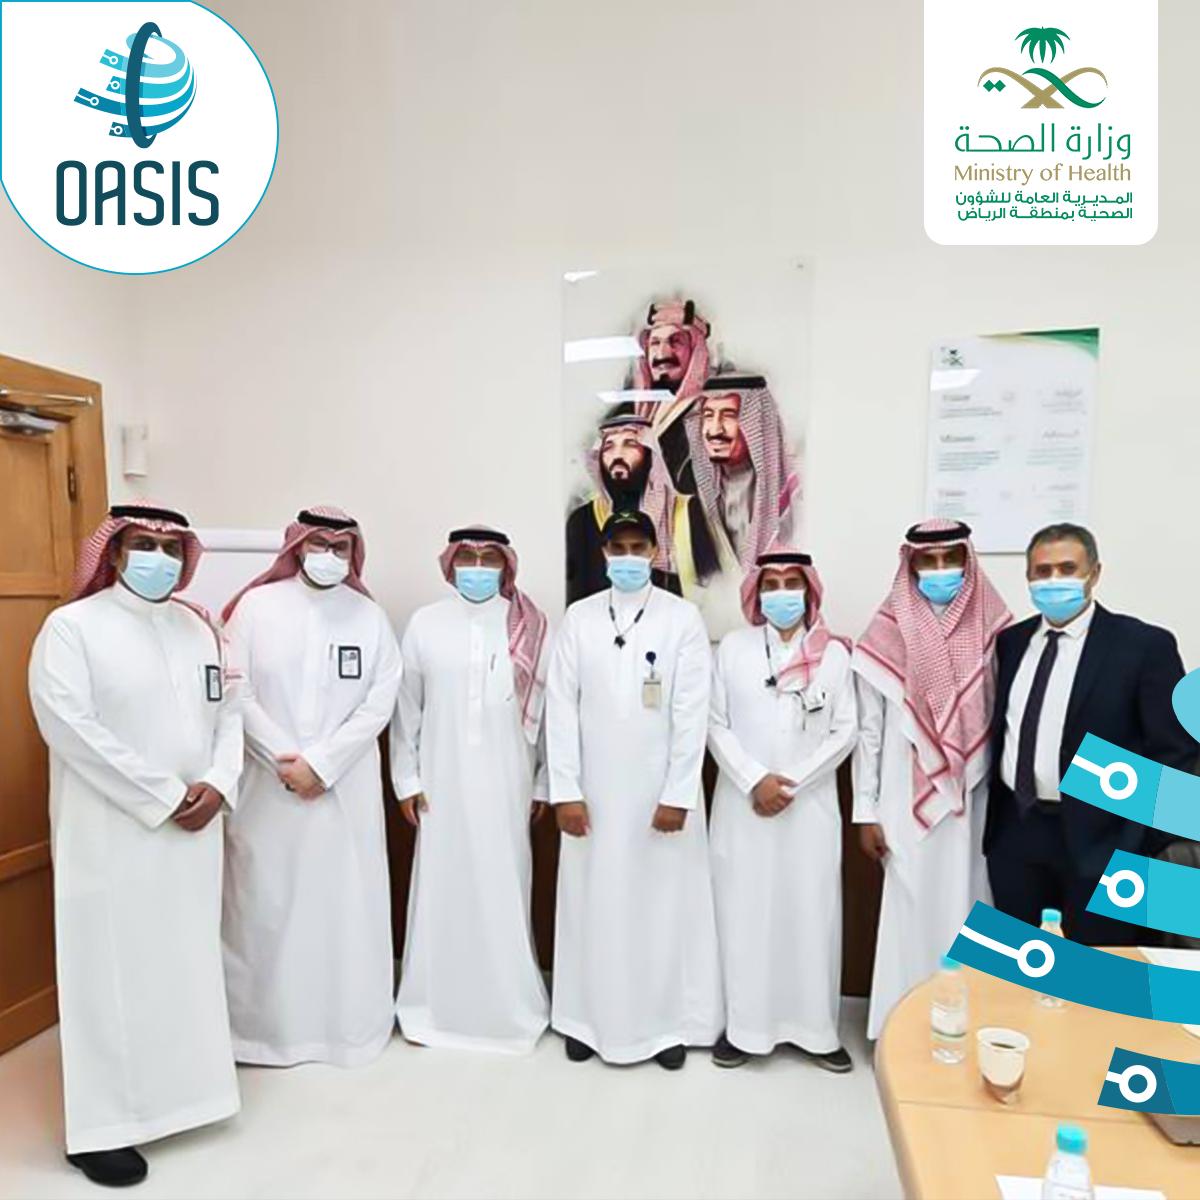 """تشغيل أول مستشفى حكومي في المملكة بنظام """"أوايسيس بلس"""""""